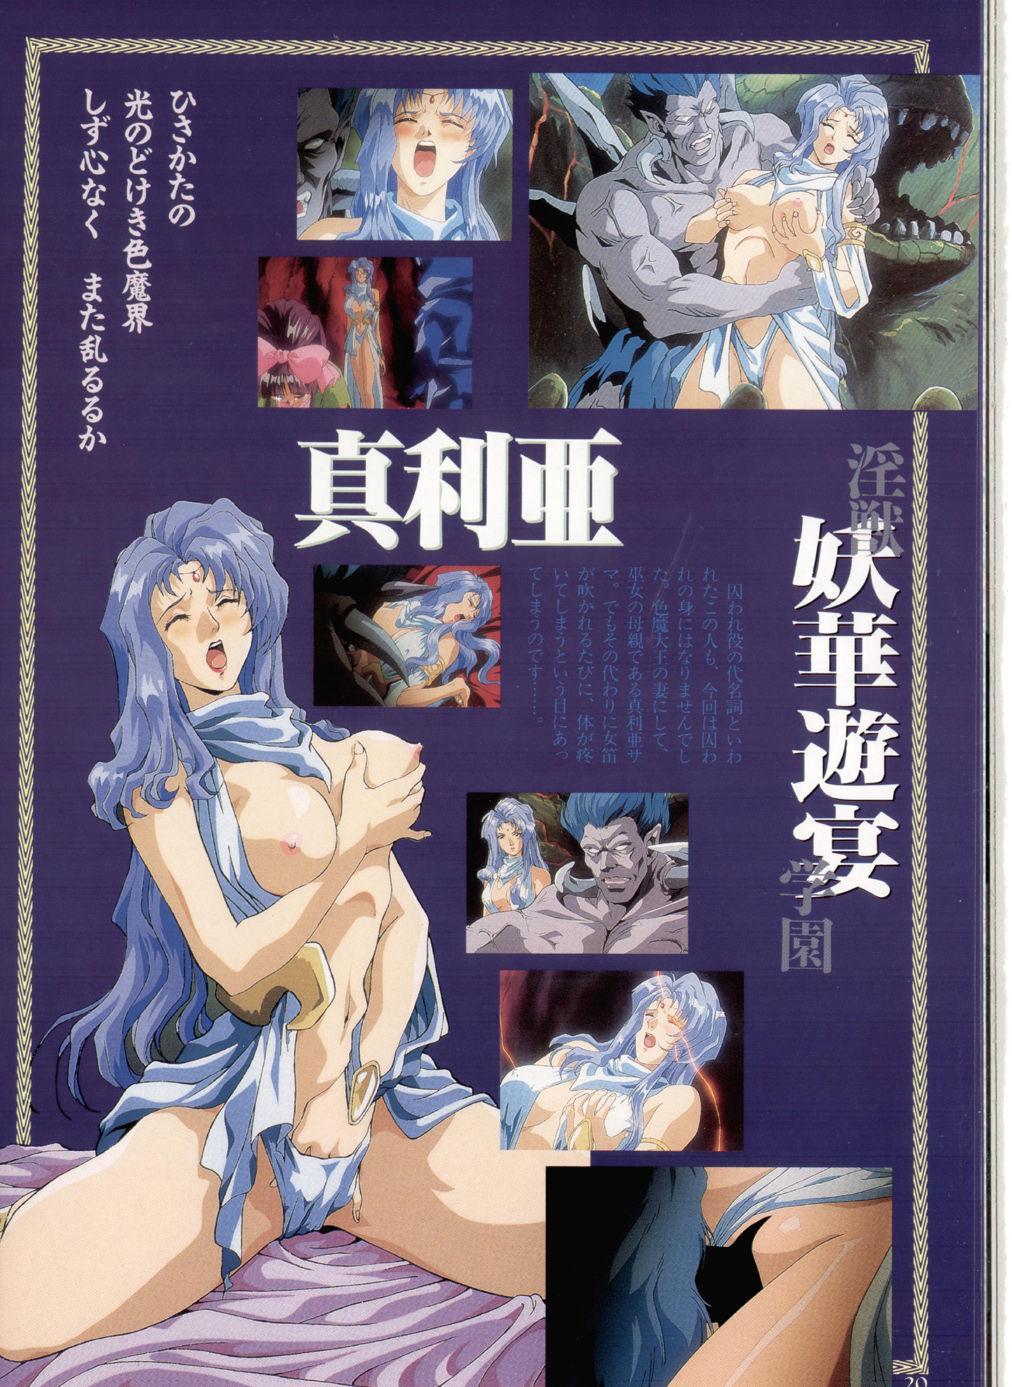 Injuu Gakuen You no Shou Secret File 15